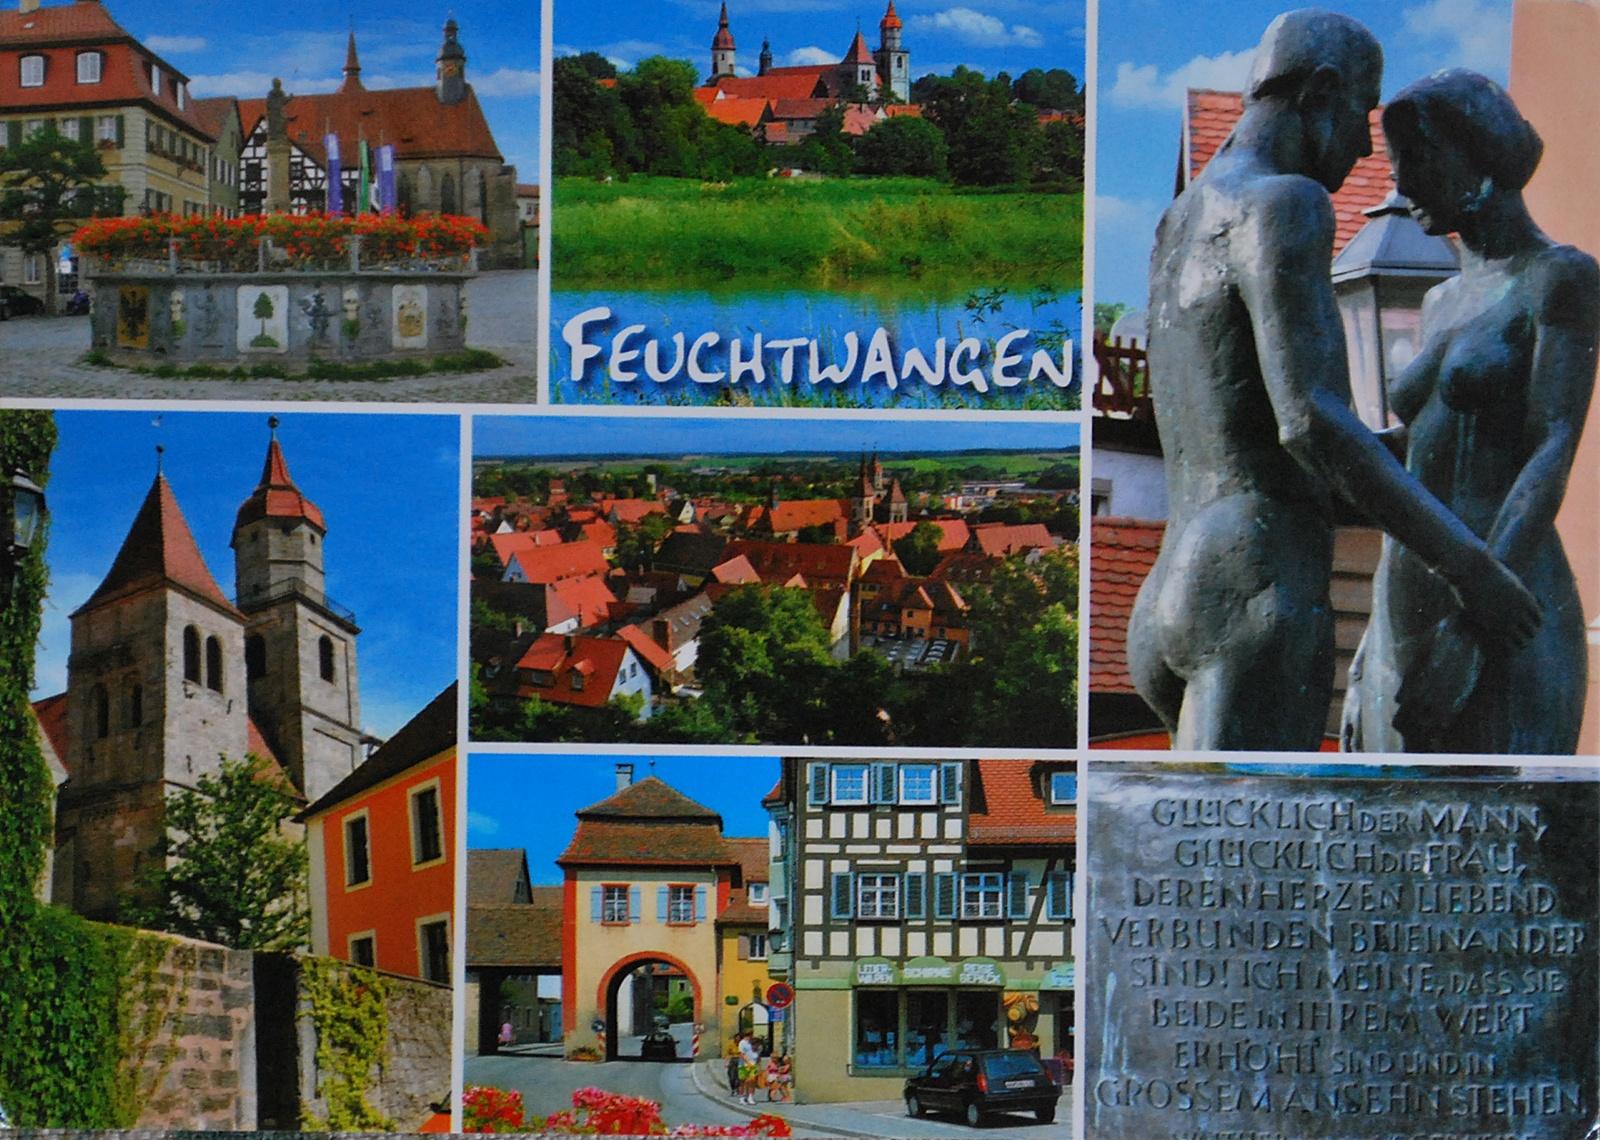 Feuchtwangen Germany